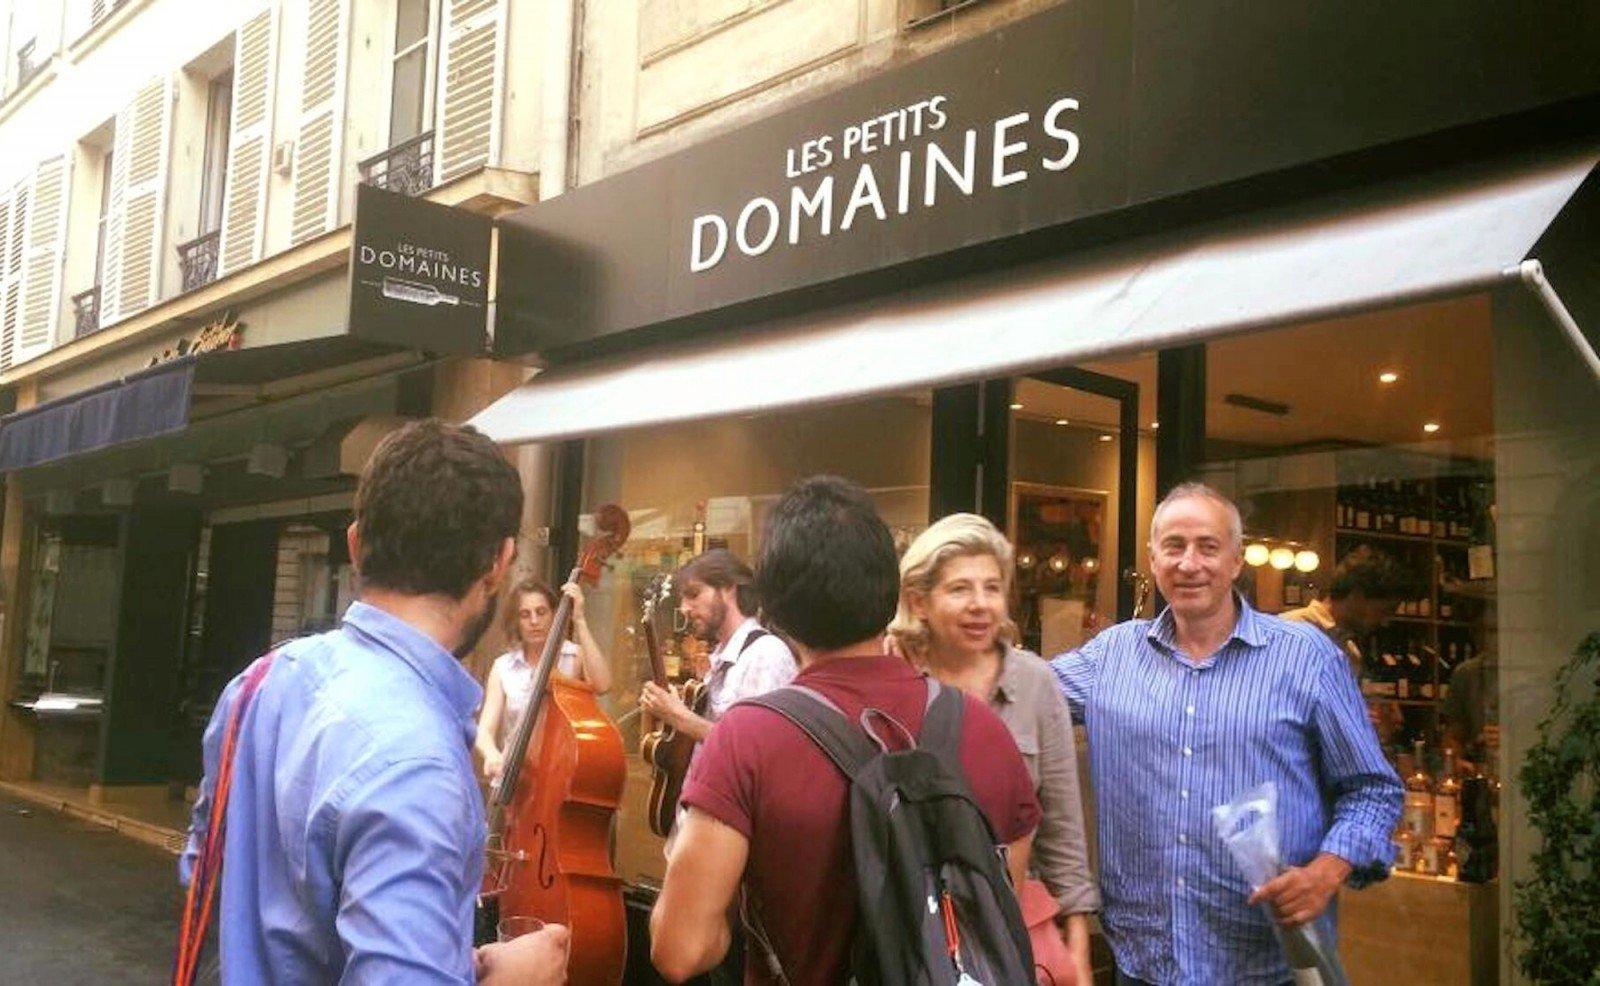 HiP Paris Blog visits Les Petits Domaines - a wine shop for women